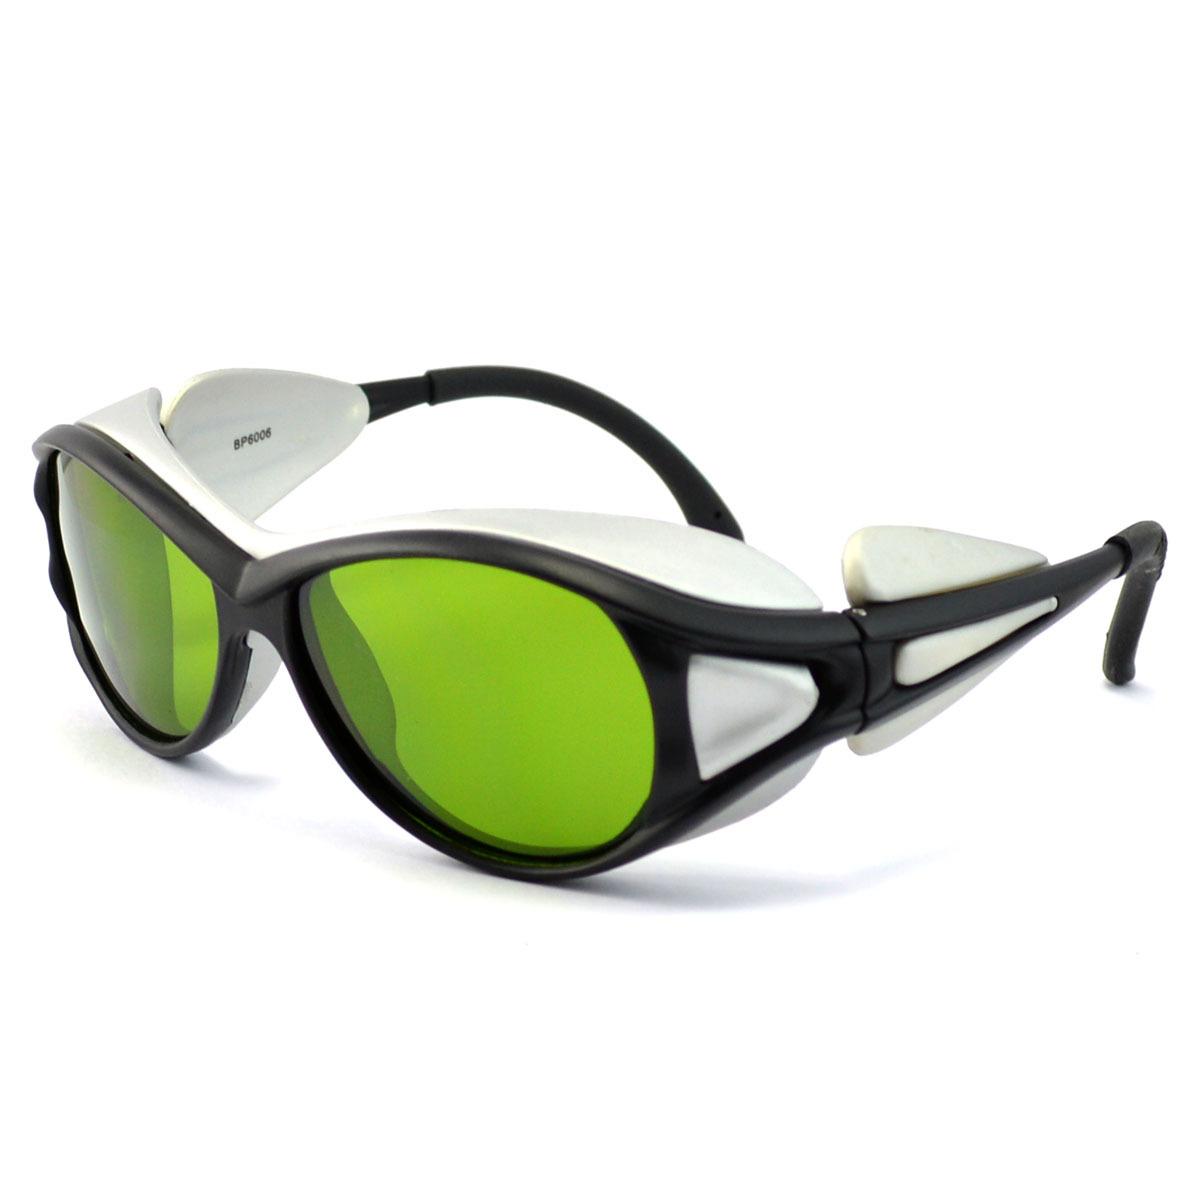 BP Kính bảo hộ Nhà máy Quảng Châu tại chỗ được phê duyệt máy rỉ sét kính bảo vệ kính bảo vệ bước són